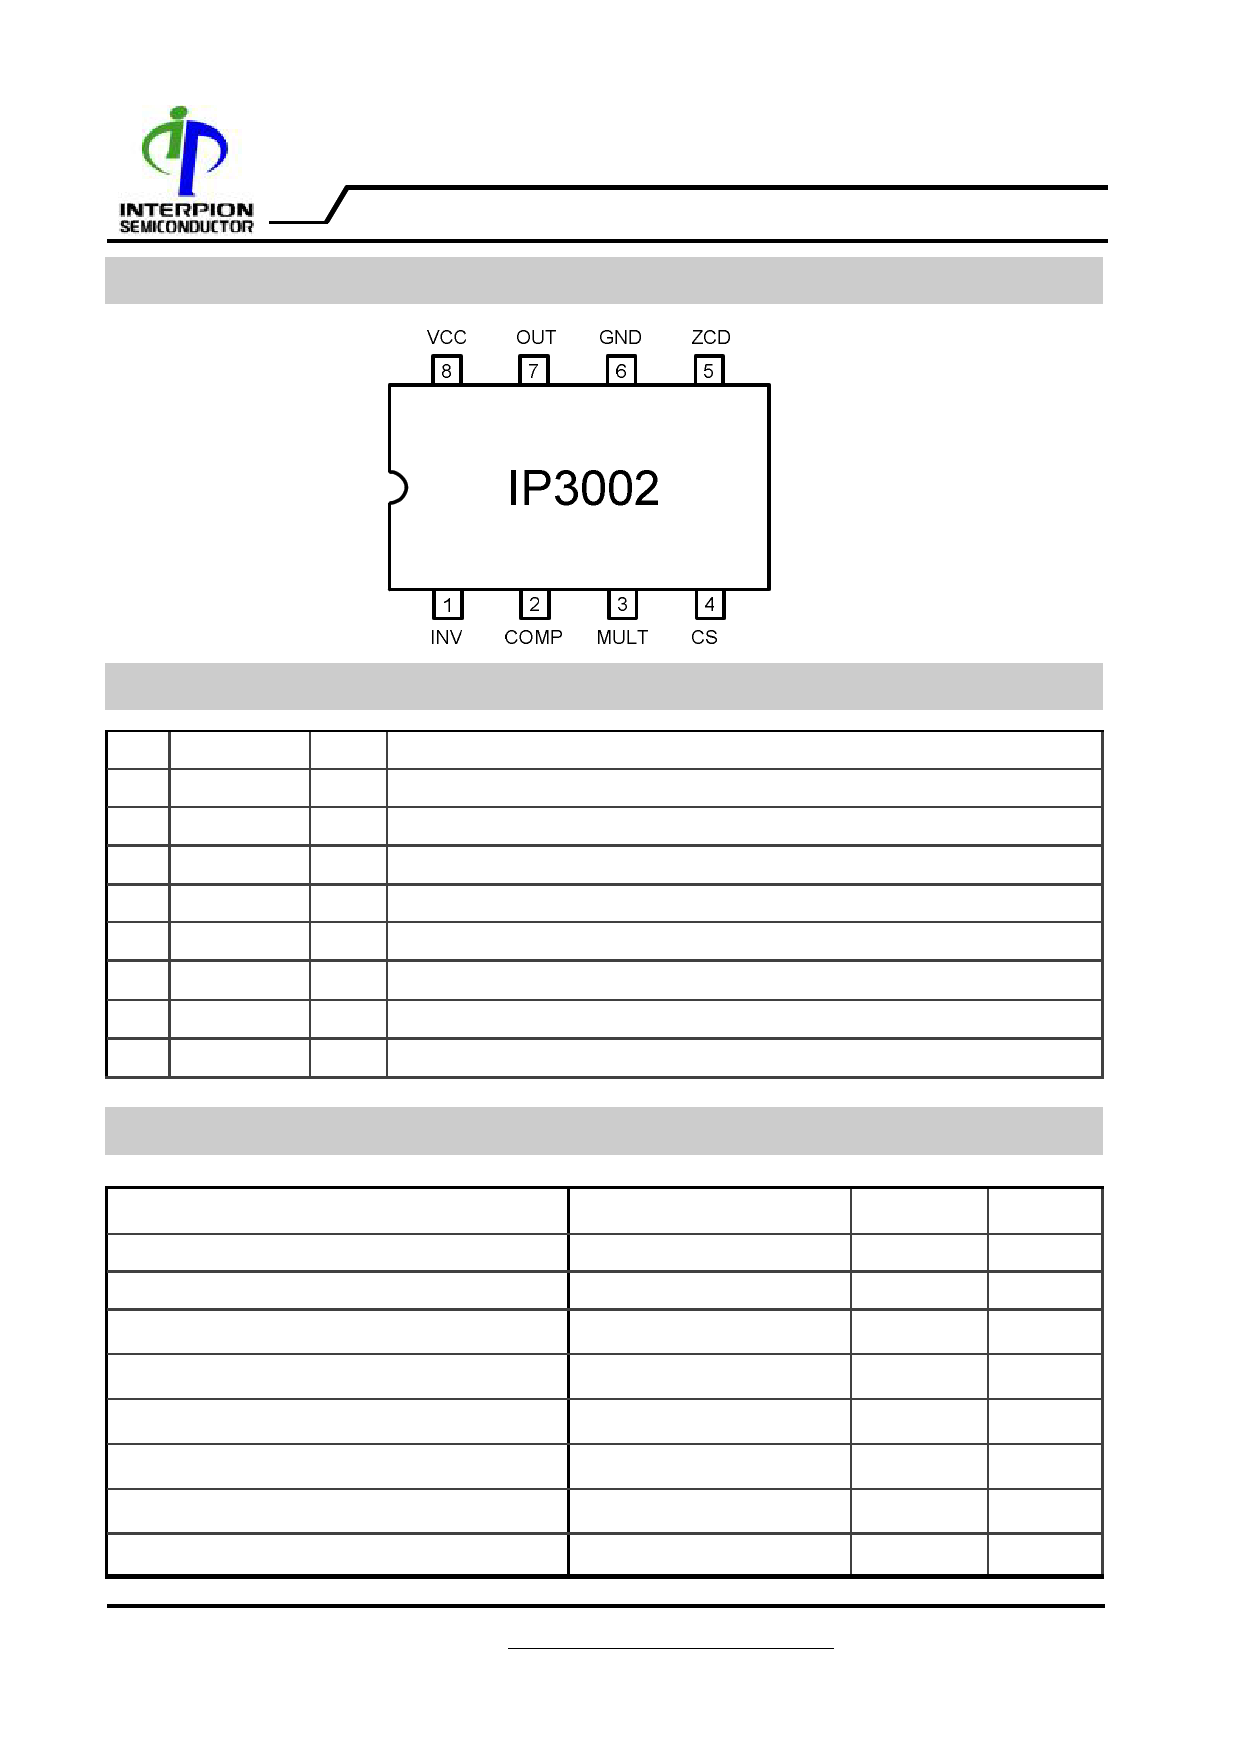 I3002 Даташит, Описание, Даташиты